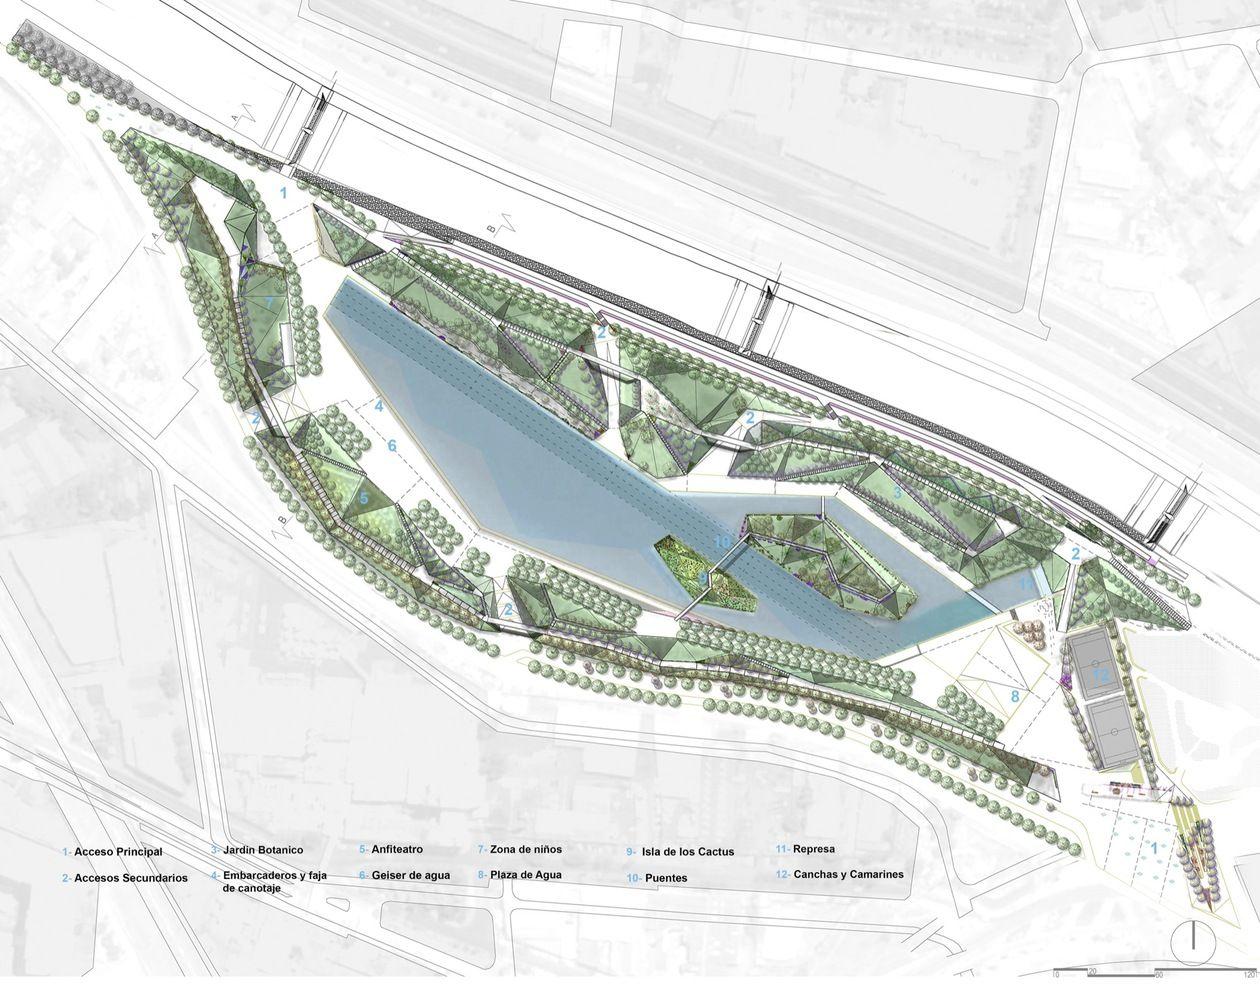 Galer a de parque fluvial padre renato poblete boza for Plan de arquitectura